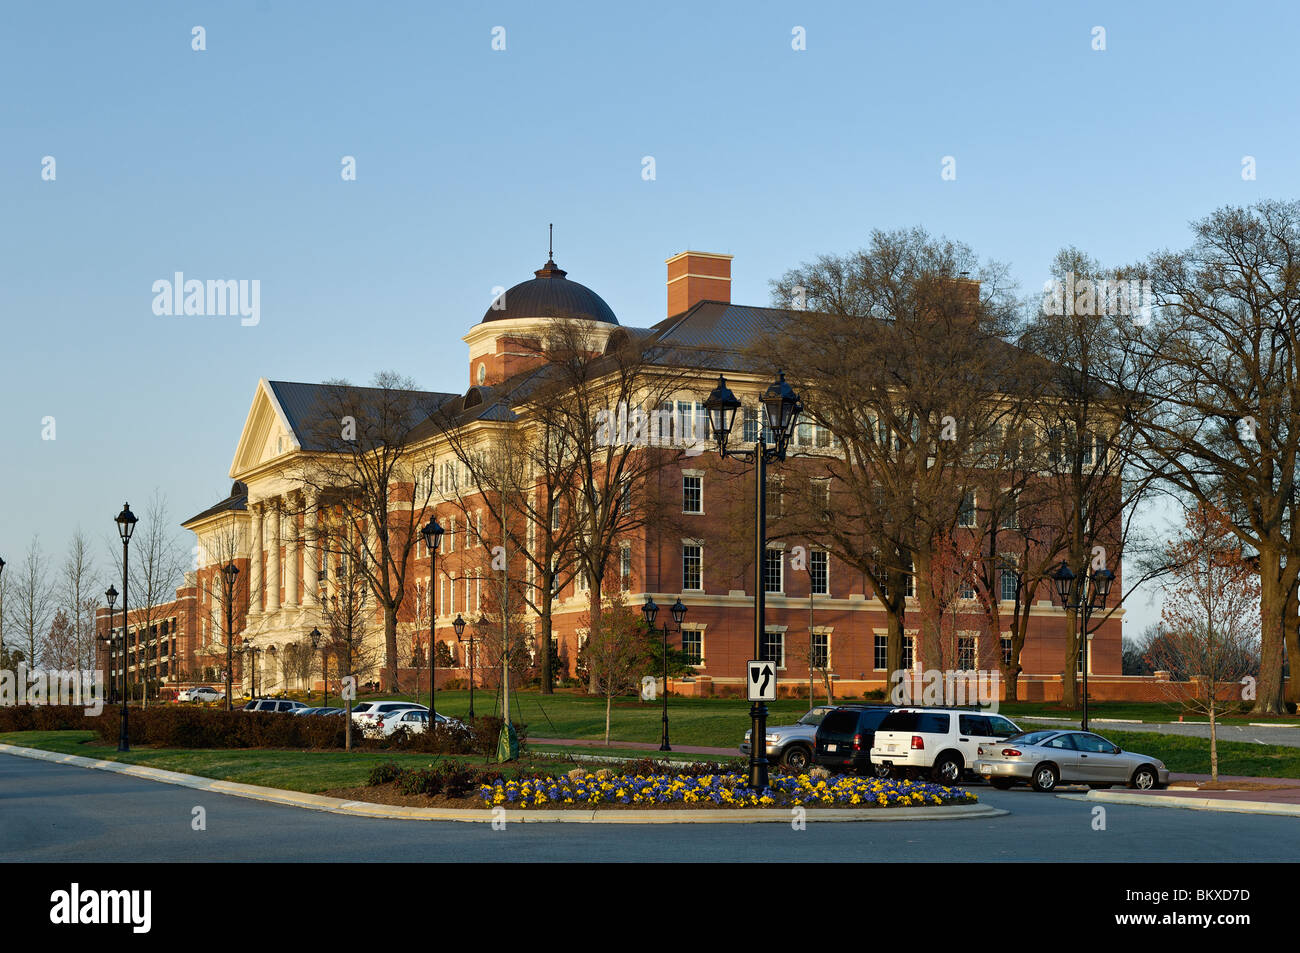 University South Carolina Emblem